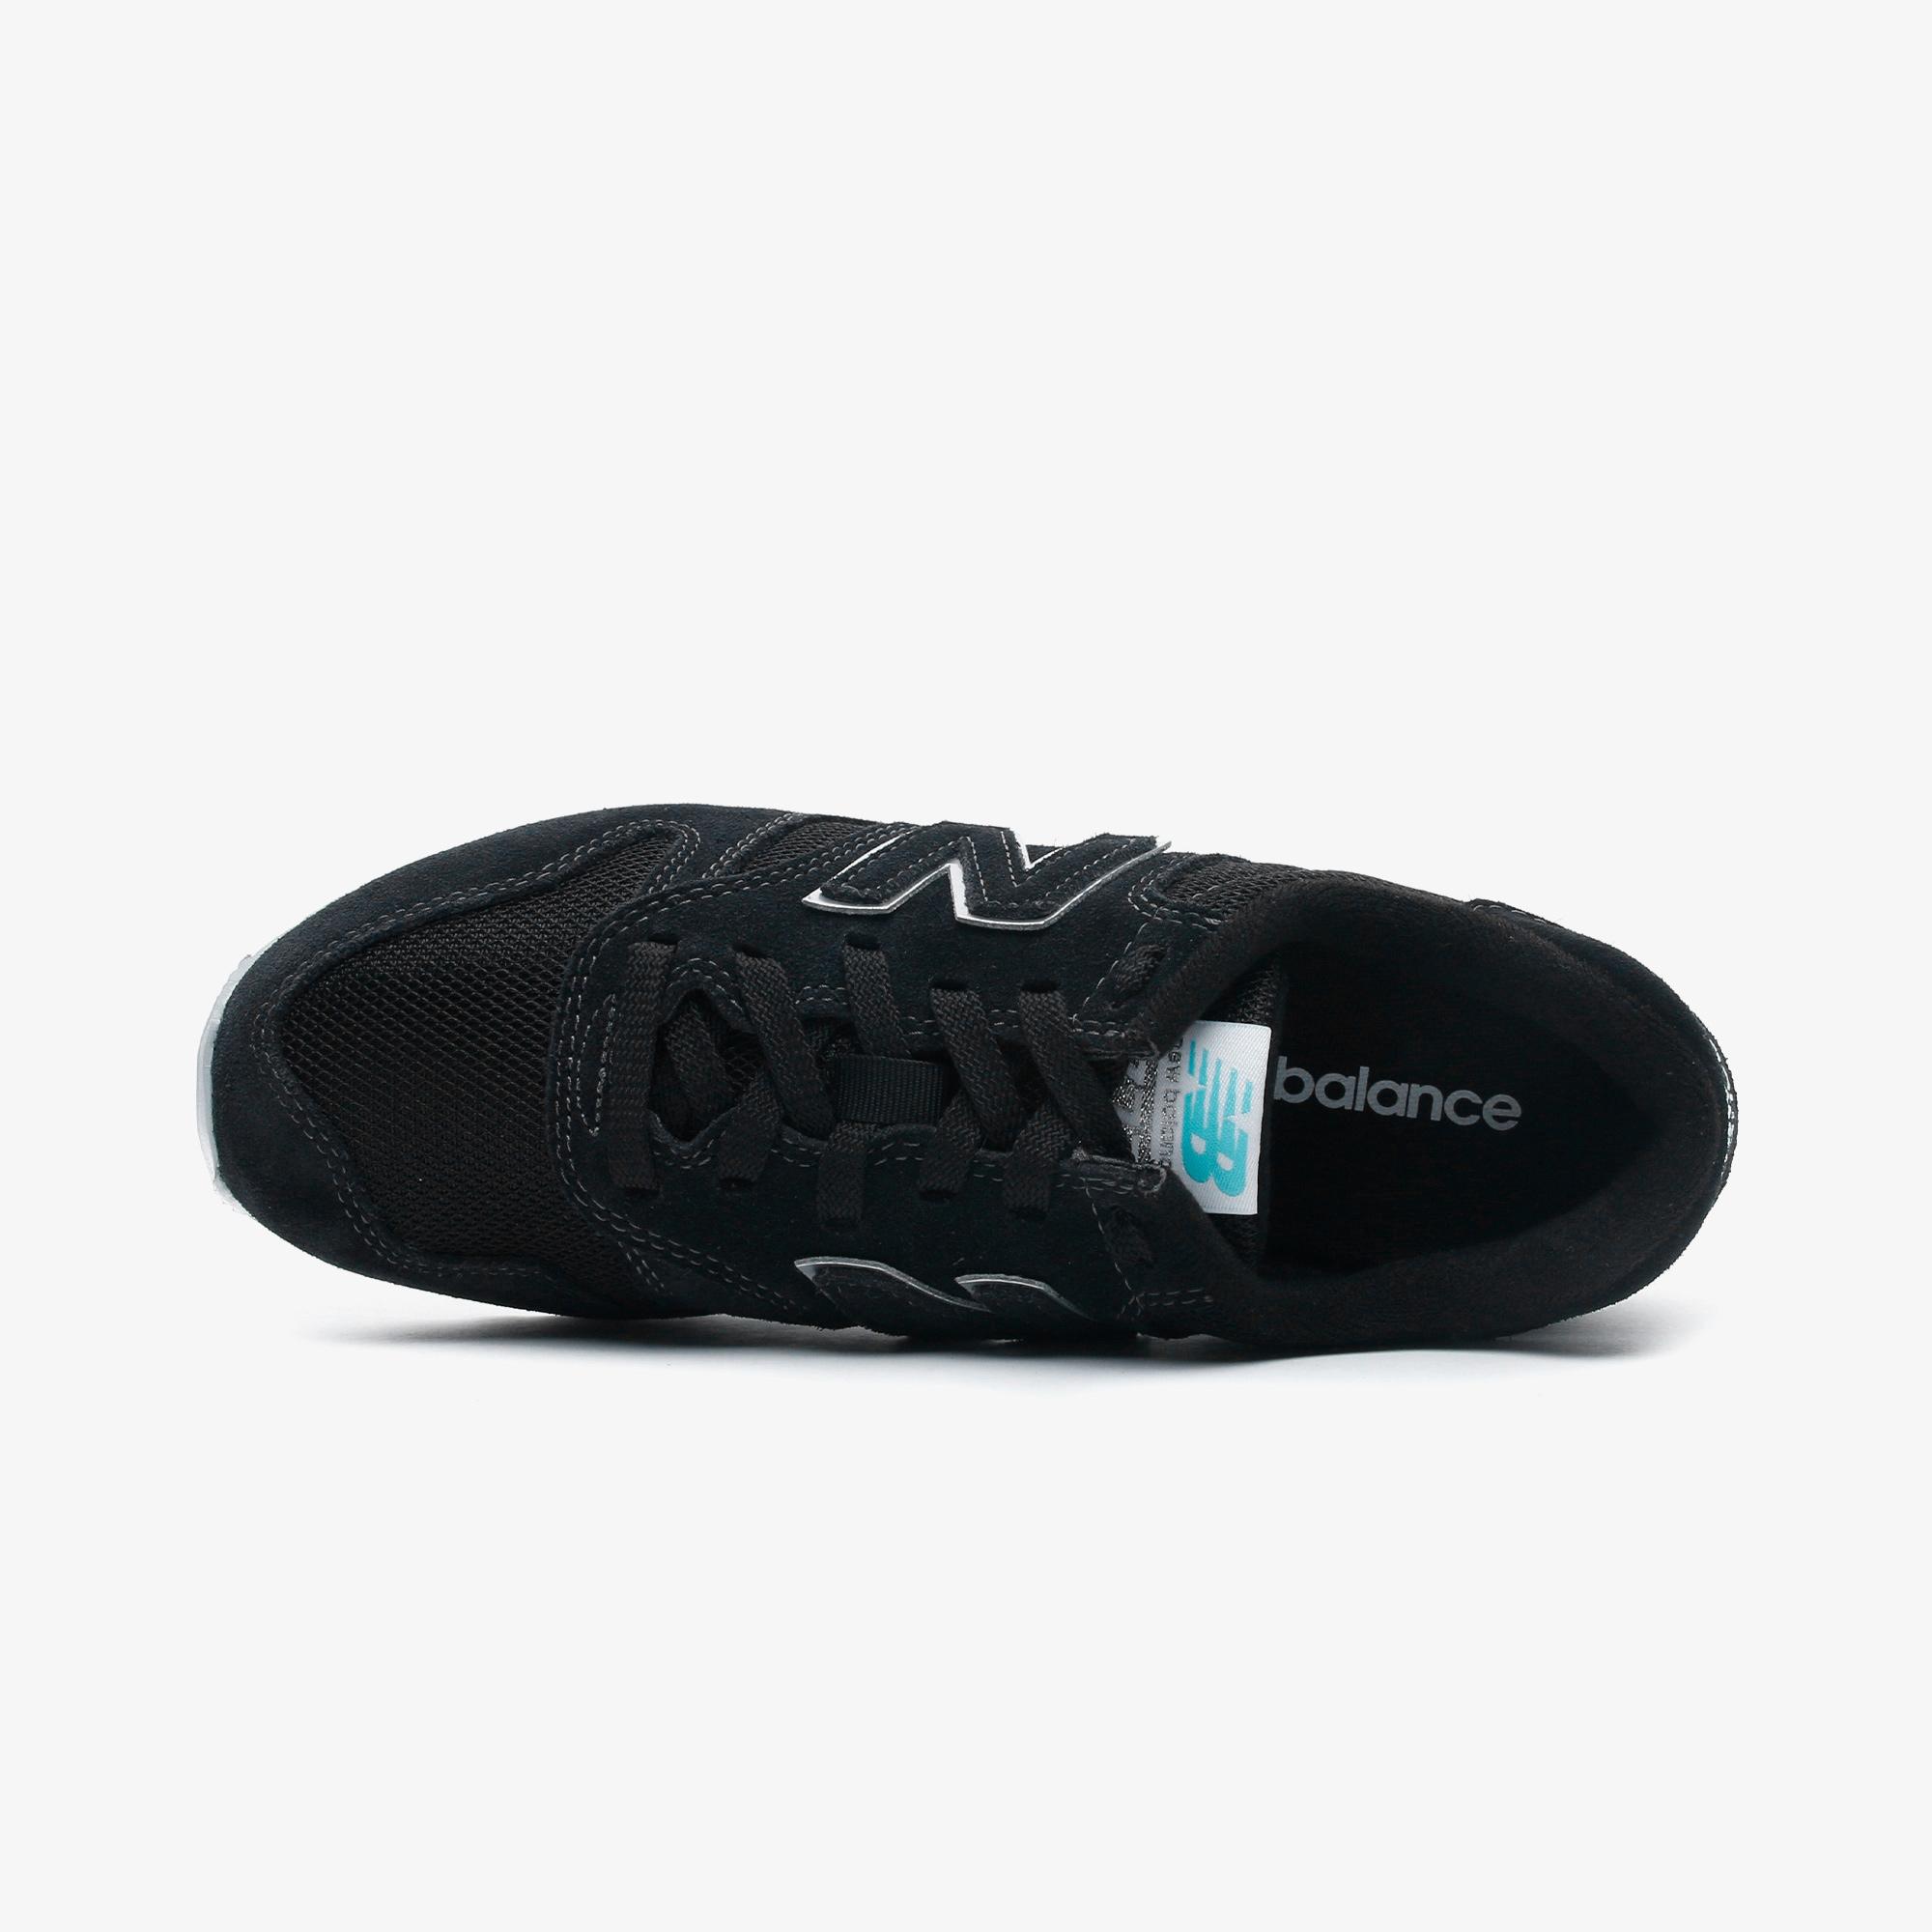 New Balance 327 Kadın Siyah Spor Ayakkabı